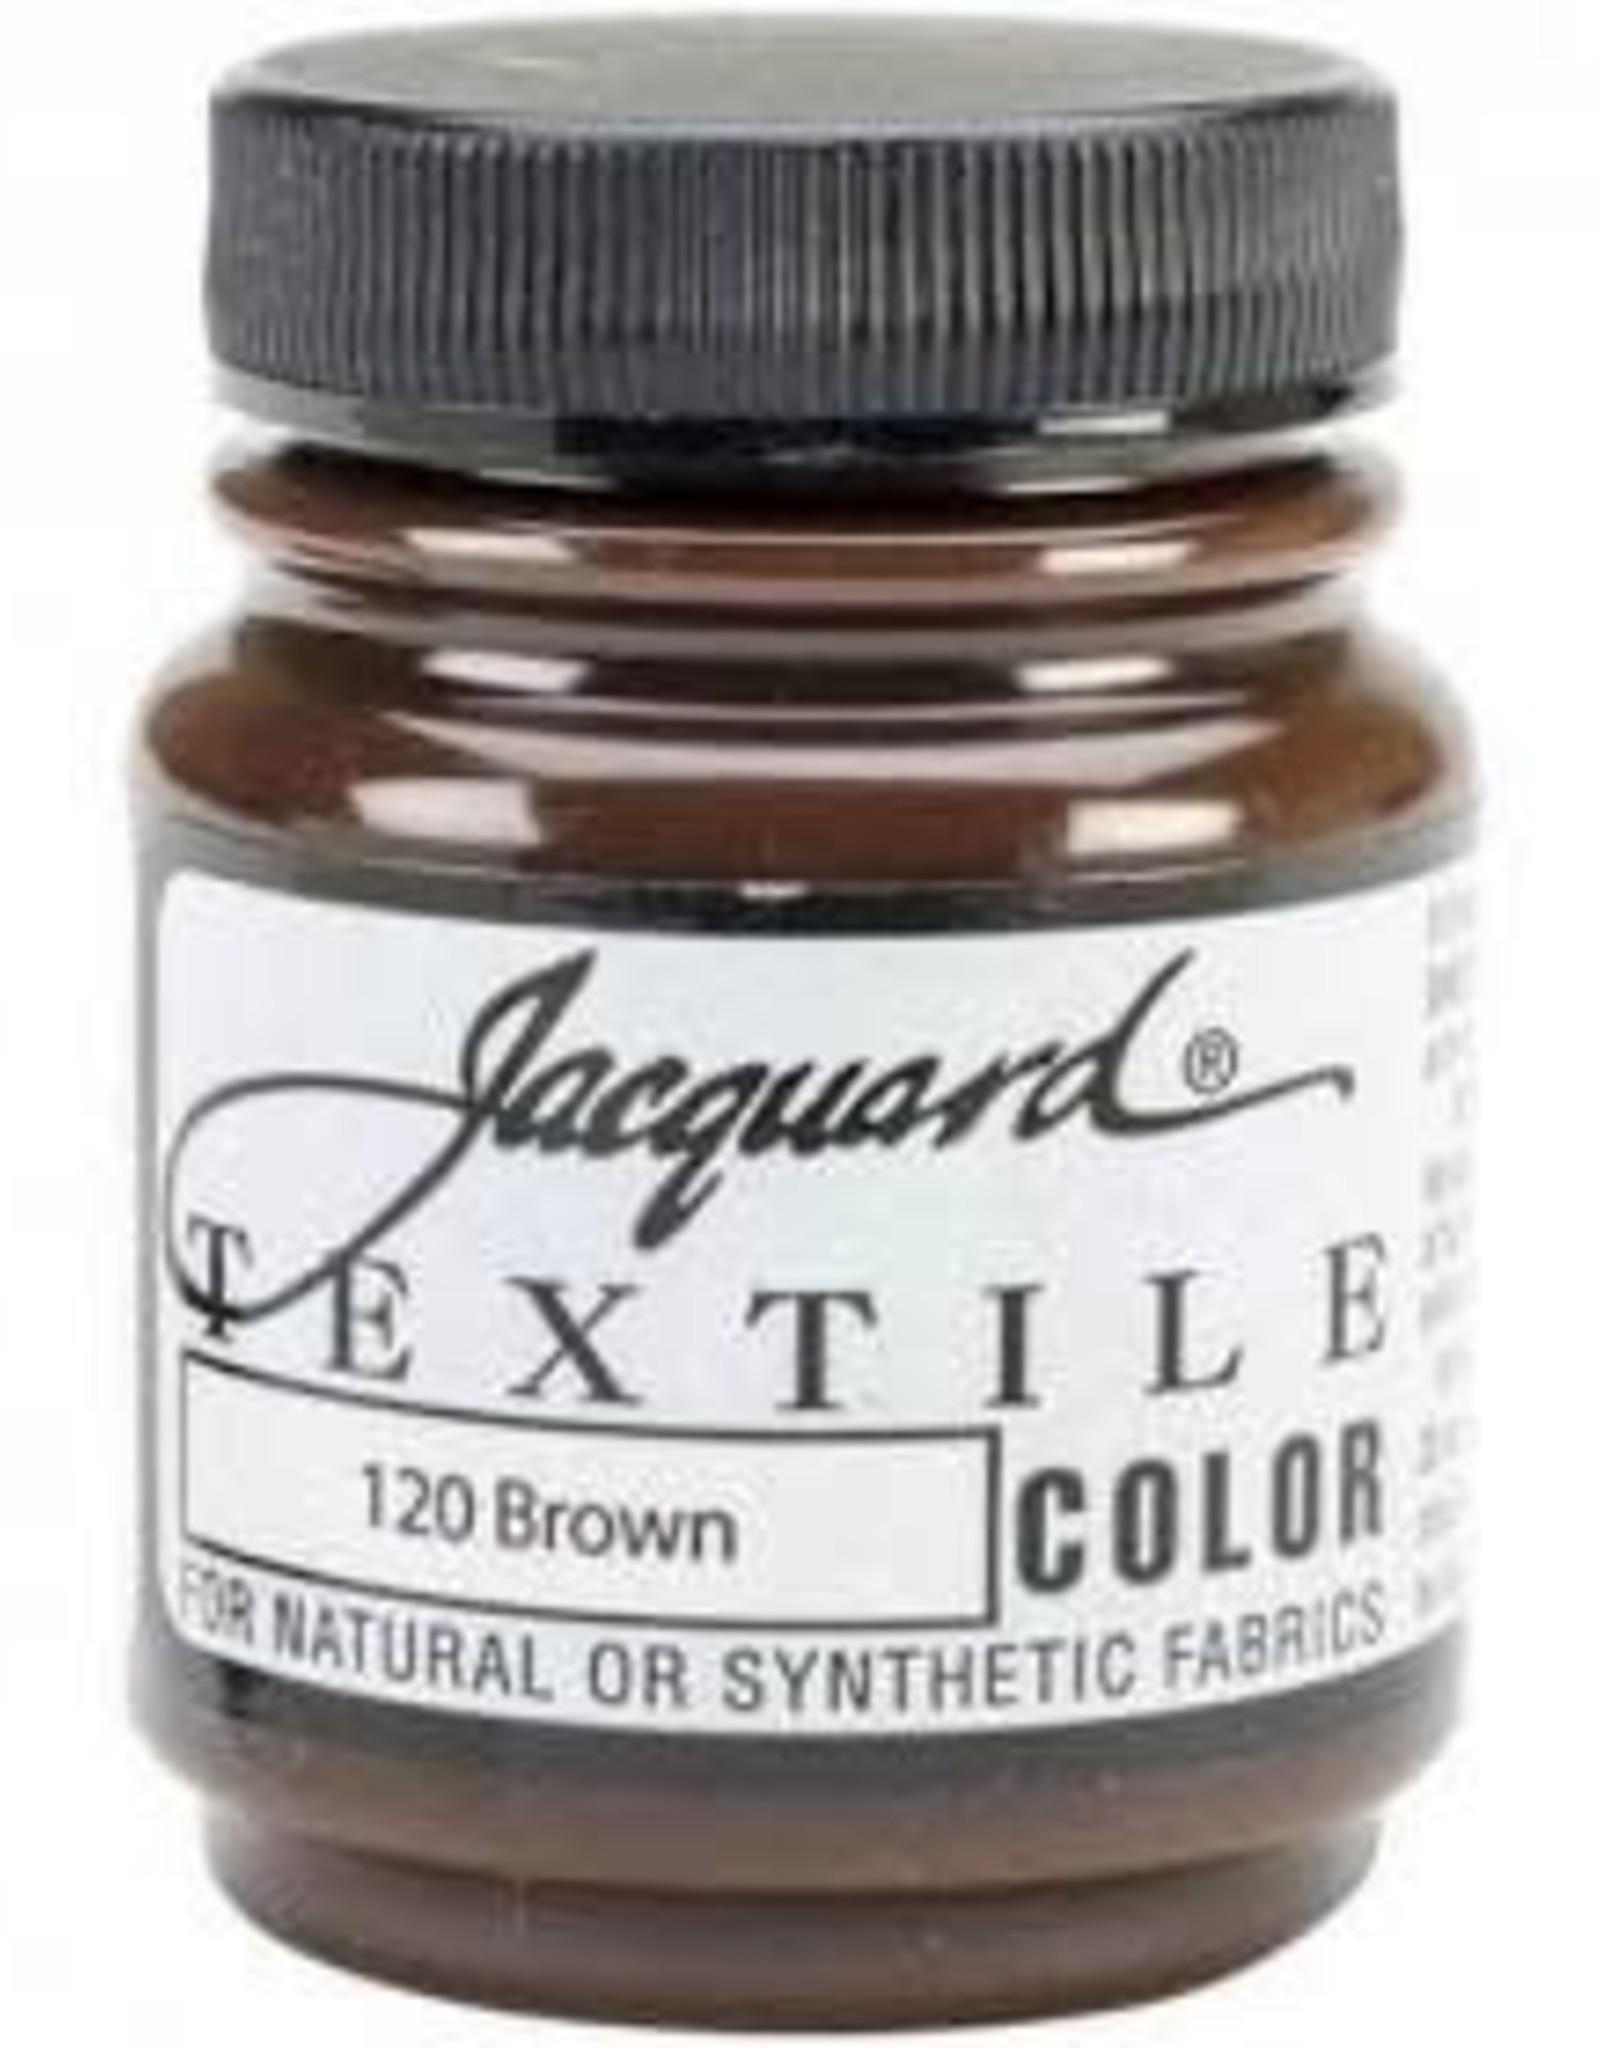 Jacquard Textile Color Brown